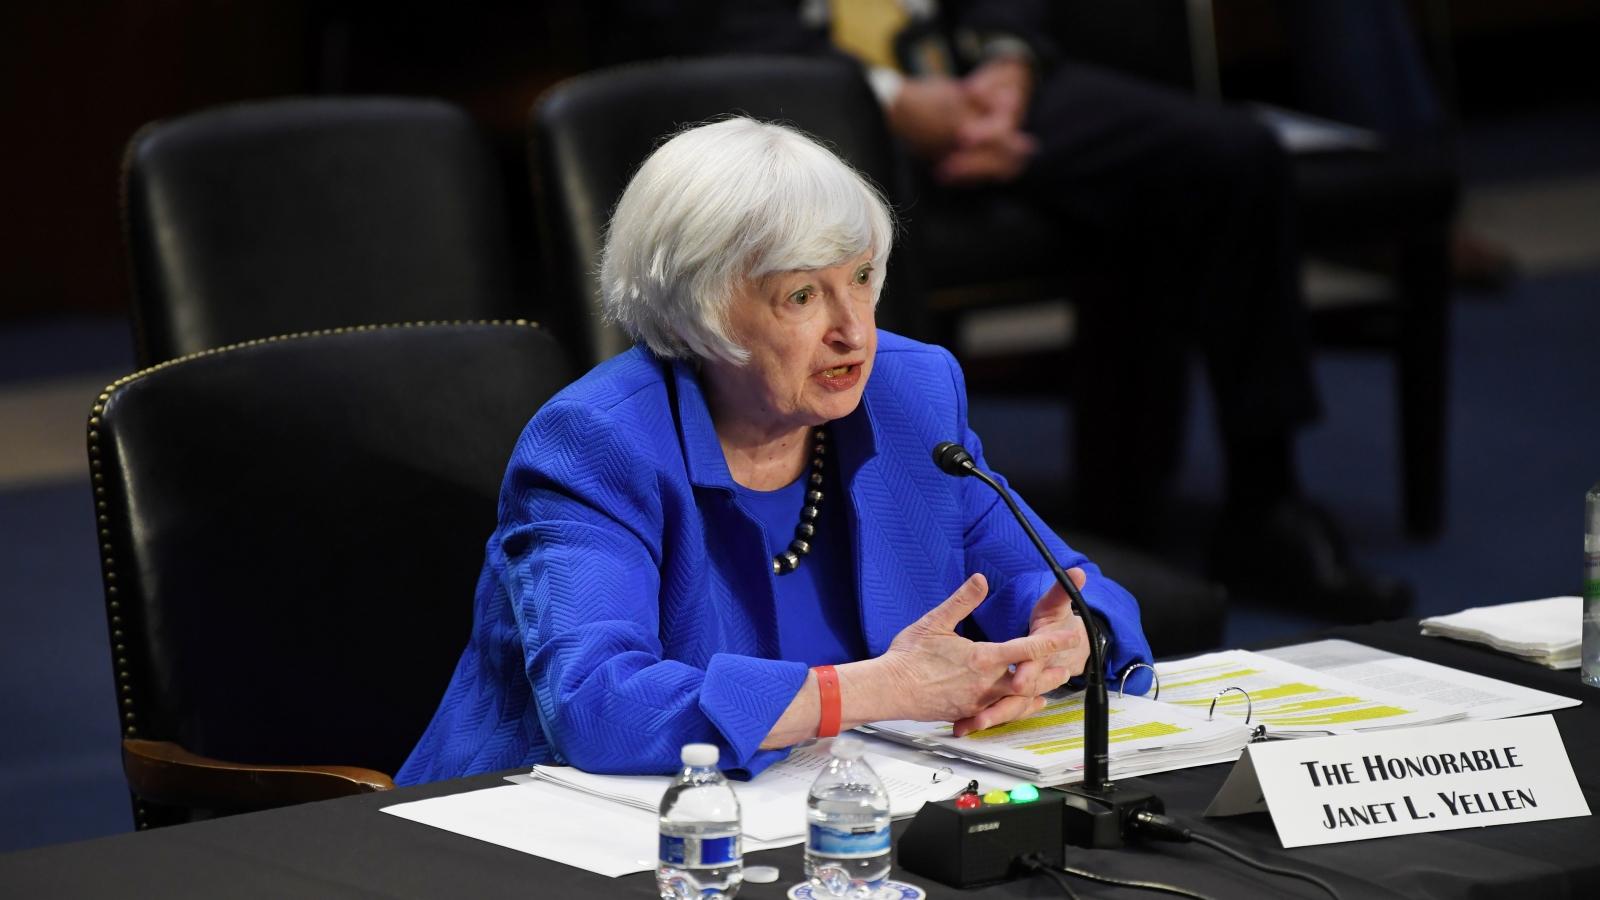 Mỹ có nguy cơvỡ nợ nếu không giải quyết vấn đề trần nợ công